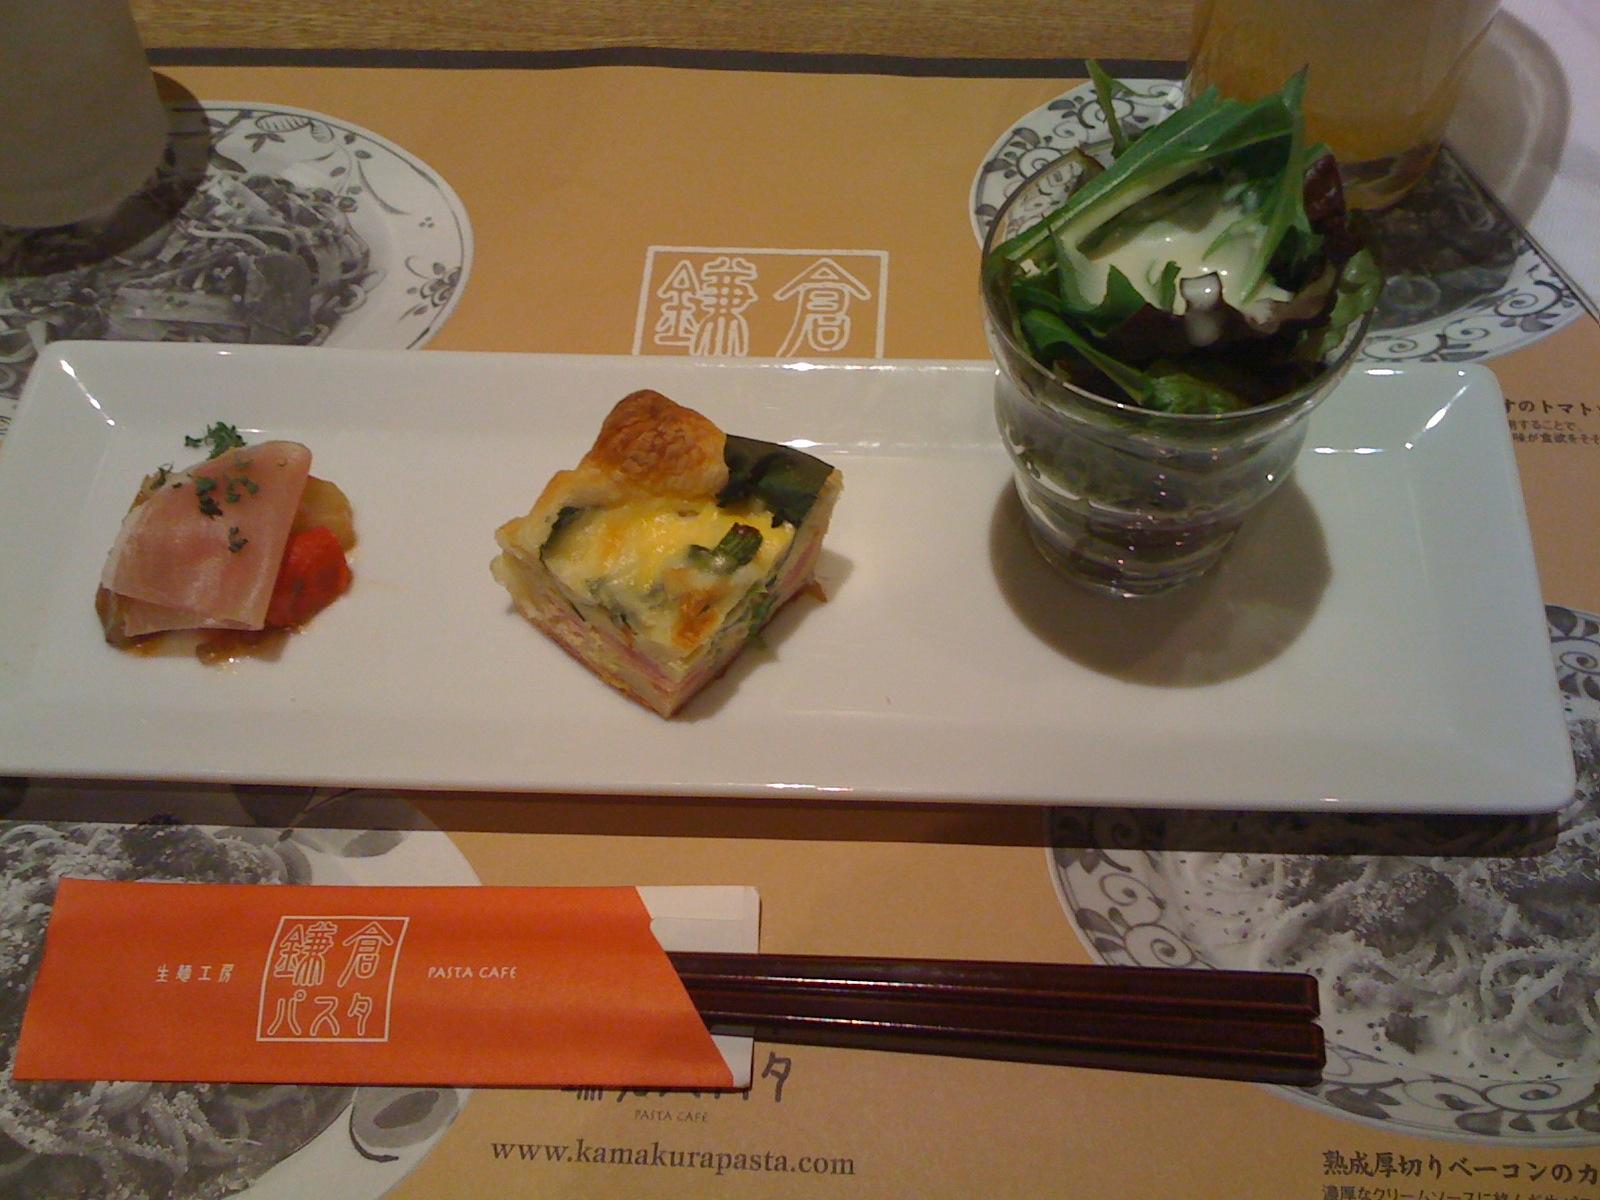 生麺工房 鎌倉パスタ イオン高松店